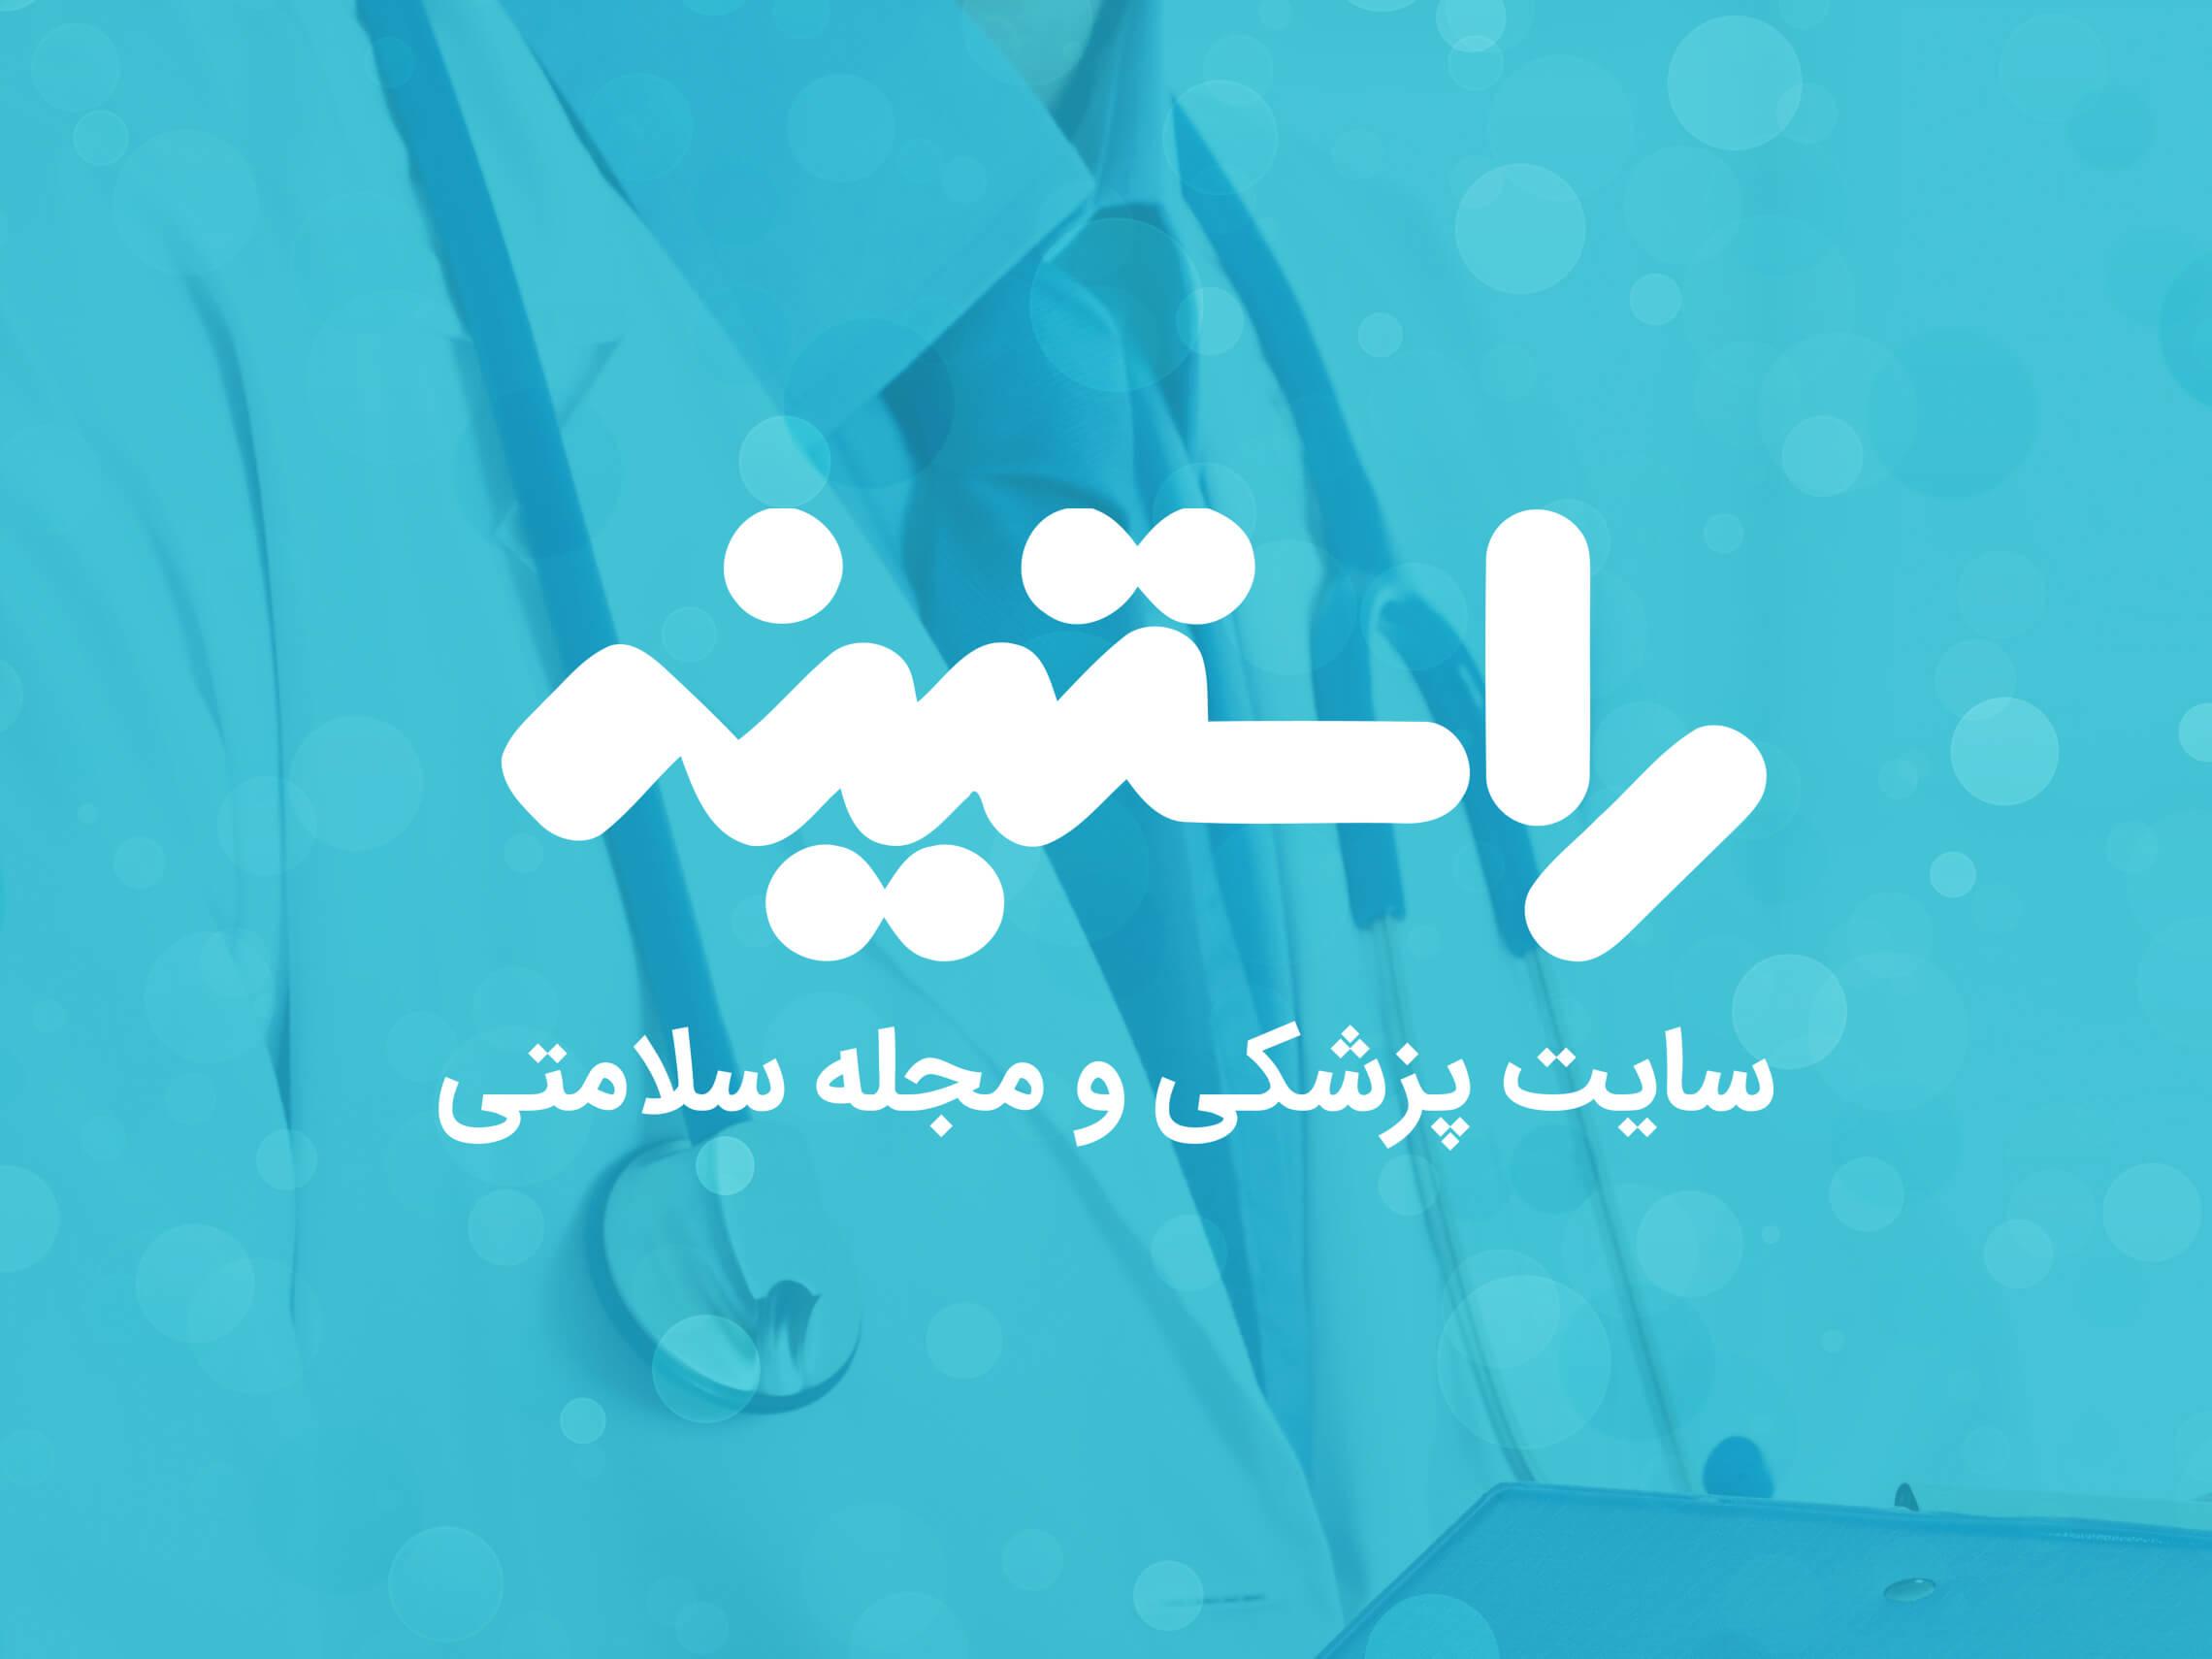 سایت پزشکی و مجله سلامتی راستینه